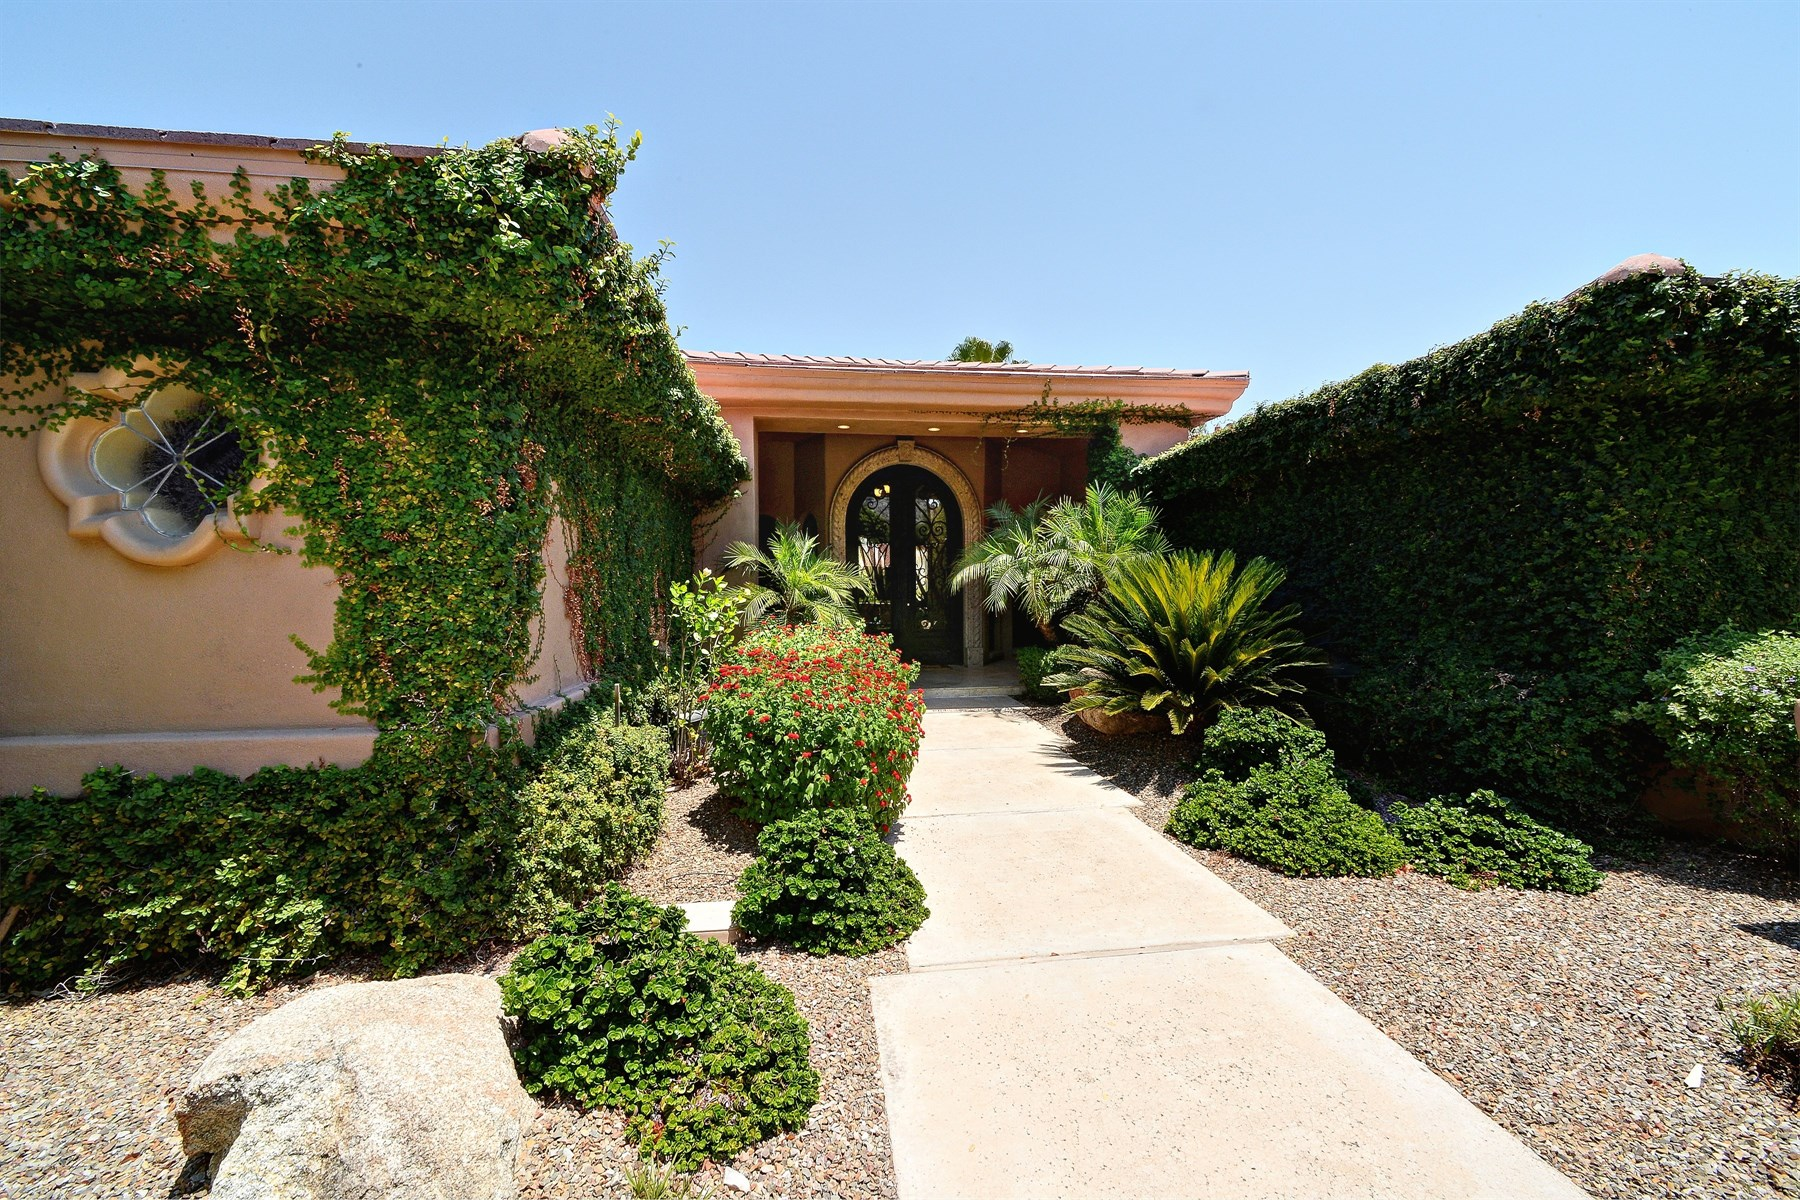 단독 가정 주택 용 매매 에 Gorgeous home in highly sought after Doubletree Canyon. 8929 N 47TH ST Phoenix, 아리조나 85028 미국